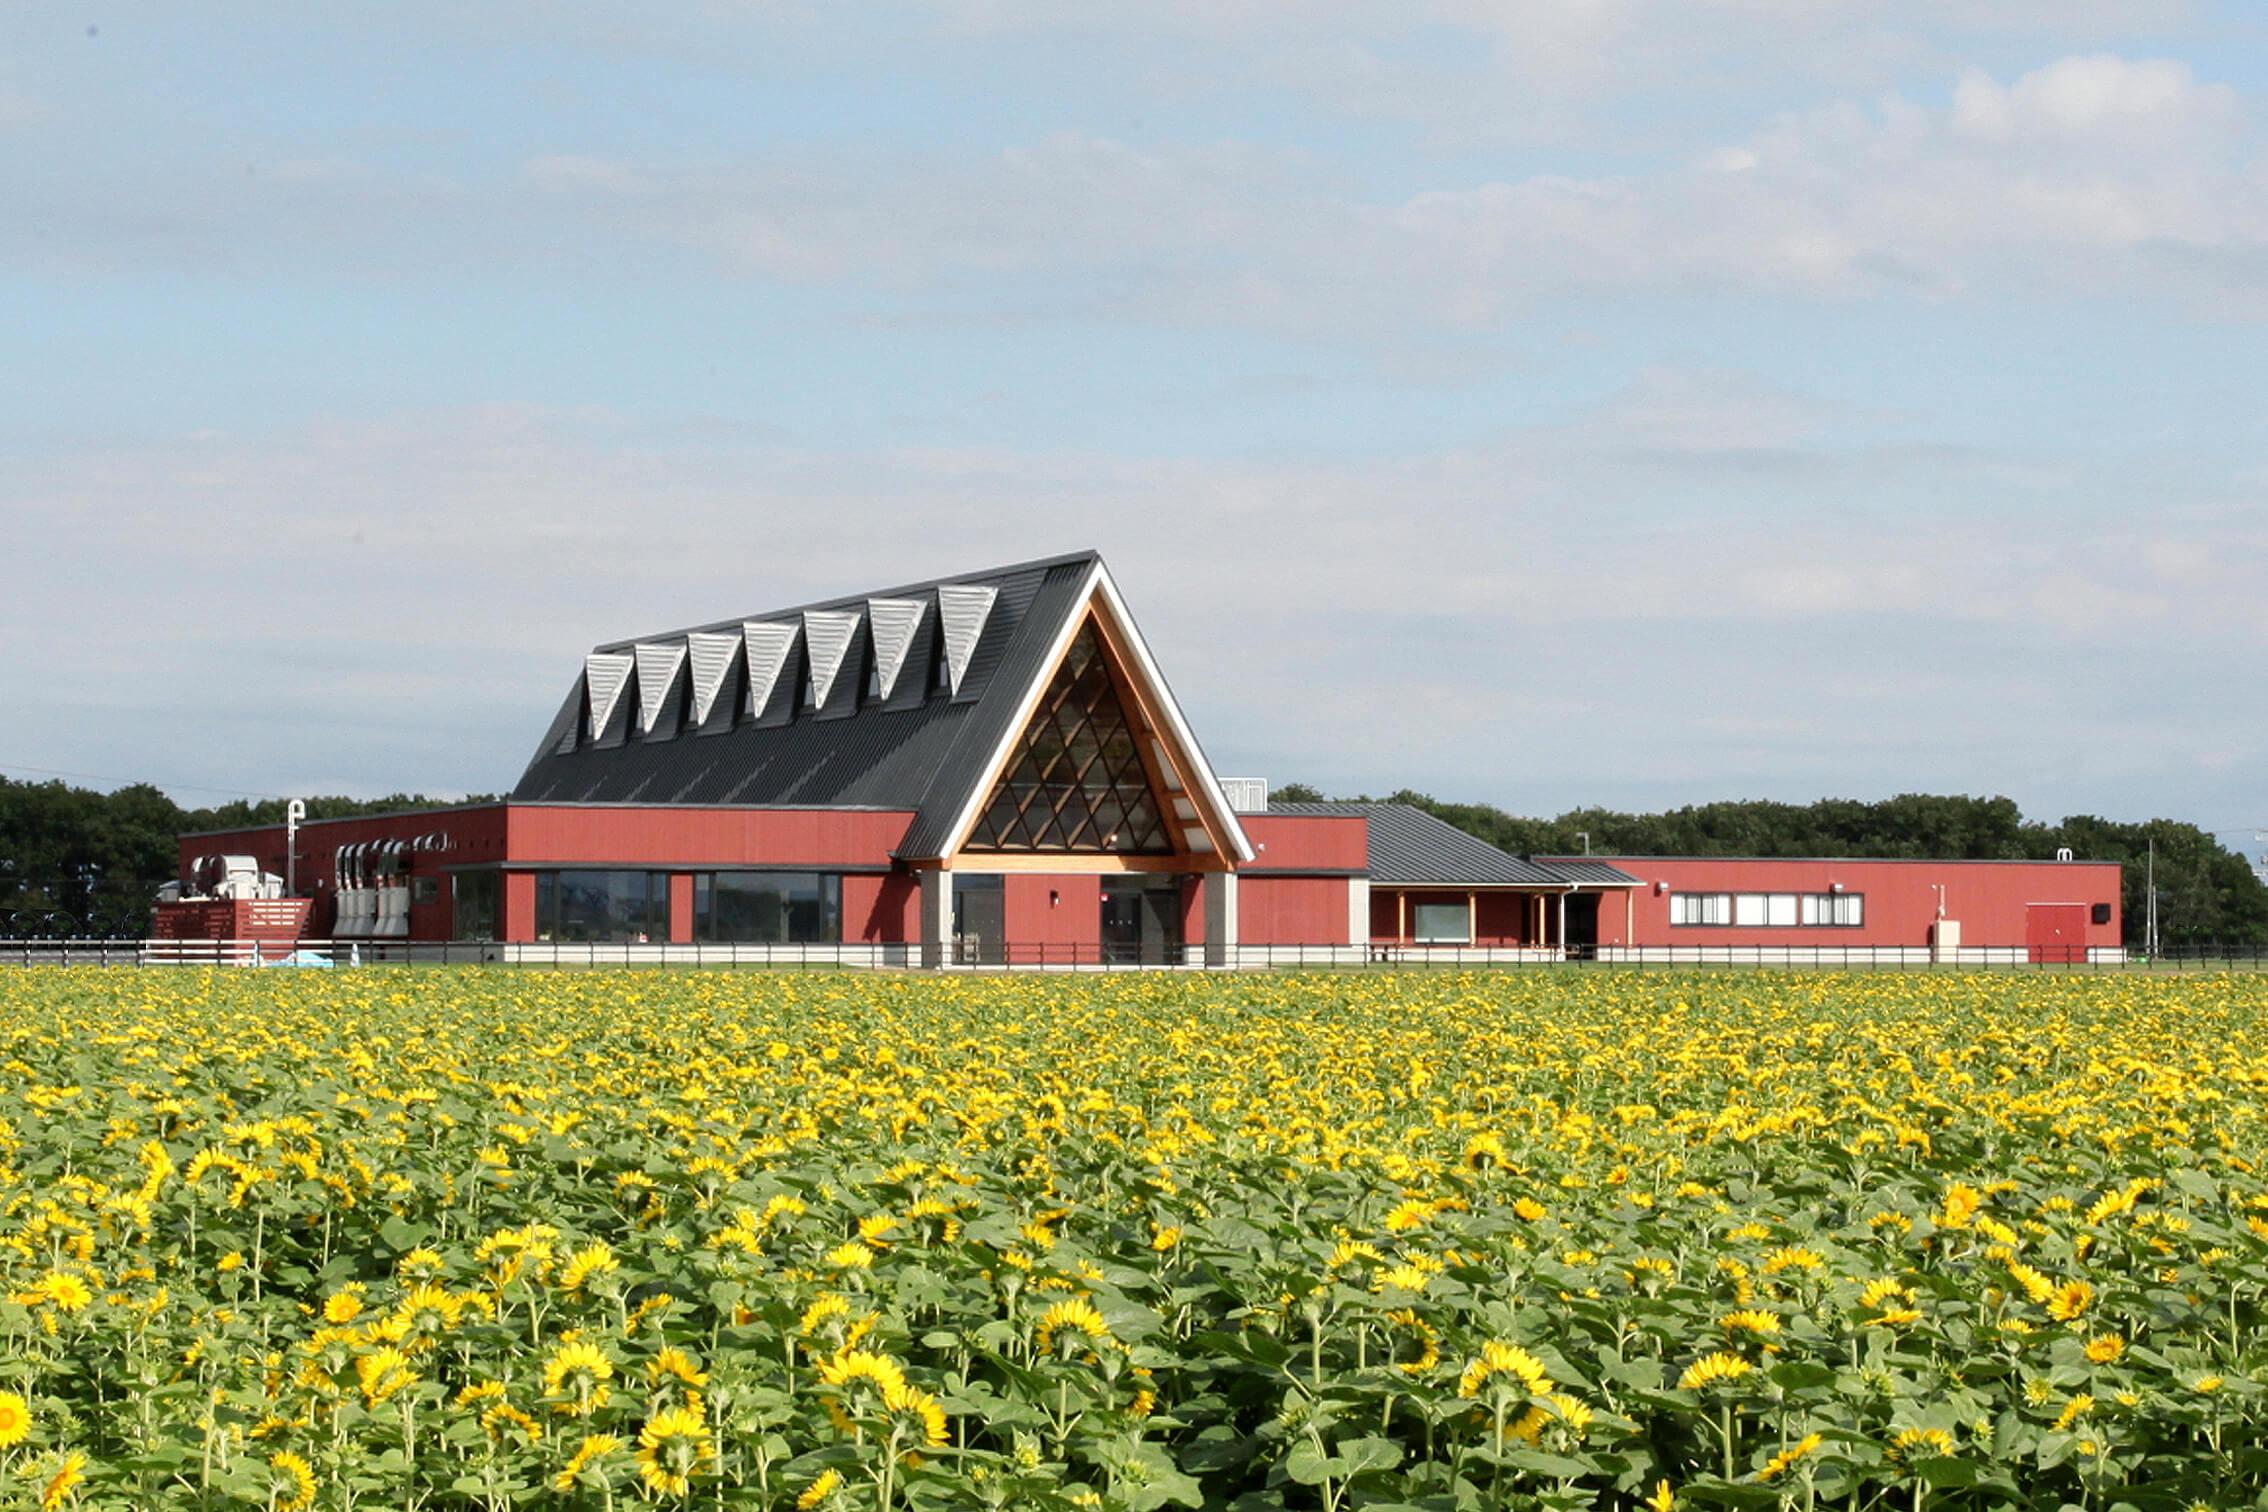 木造建築の施工事例:北欧の風 道の駅とうべつ 4枚目